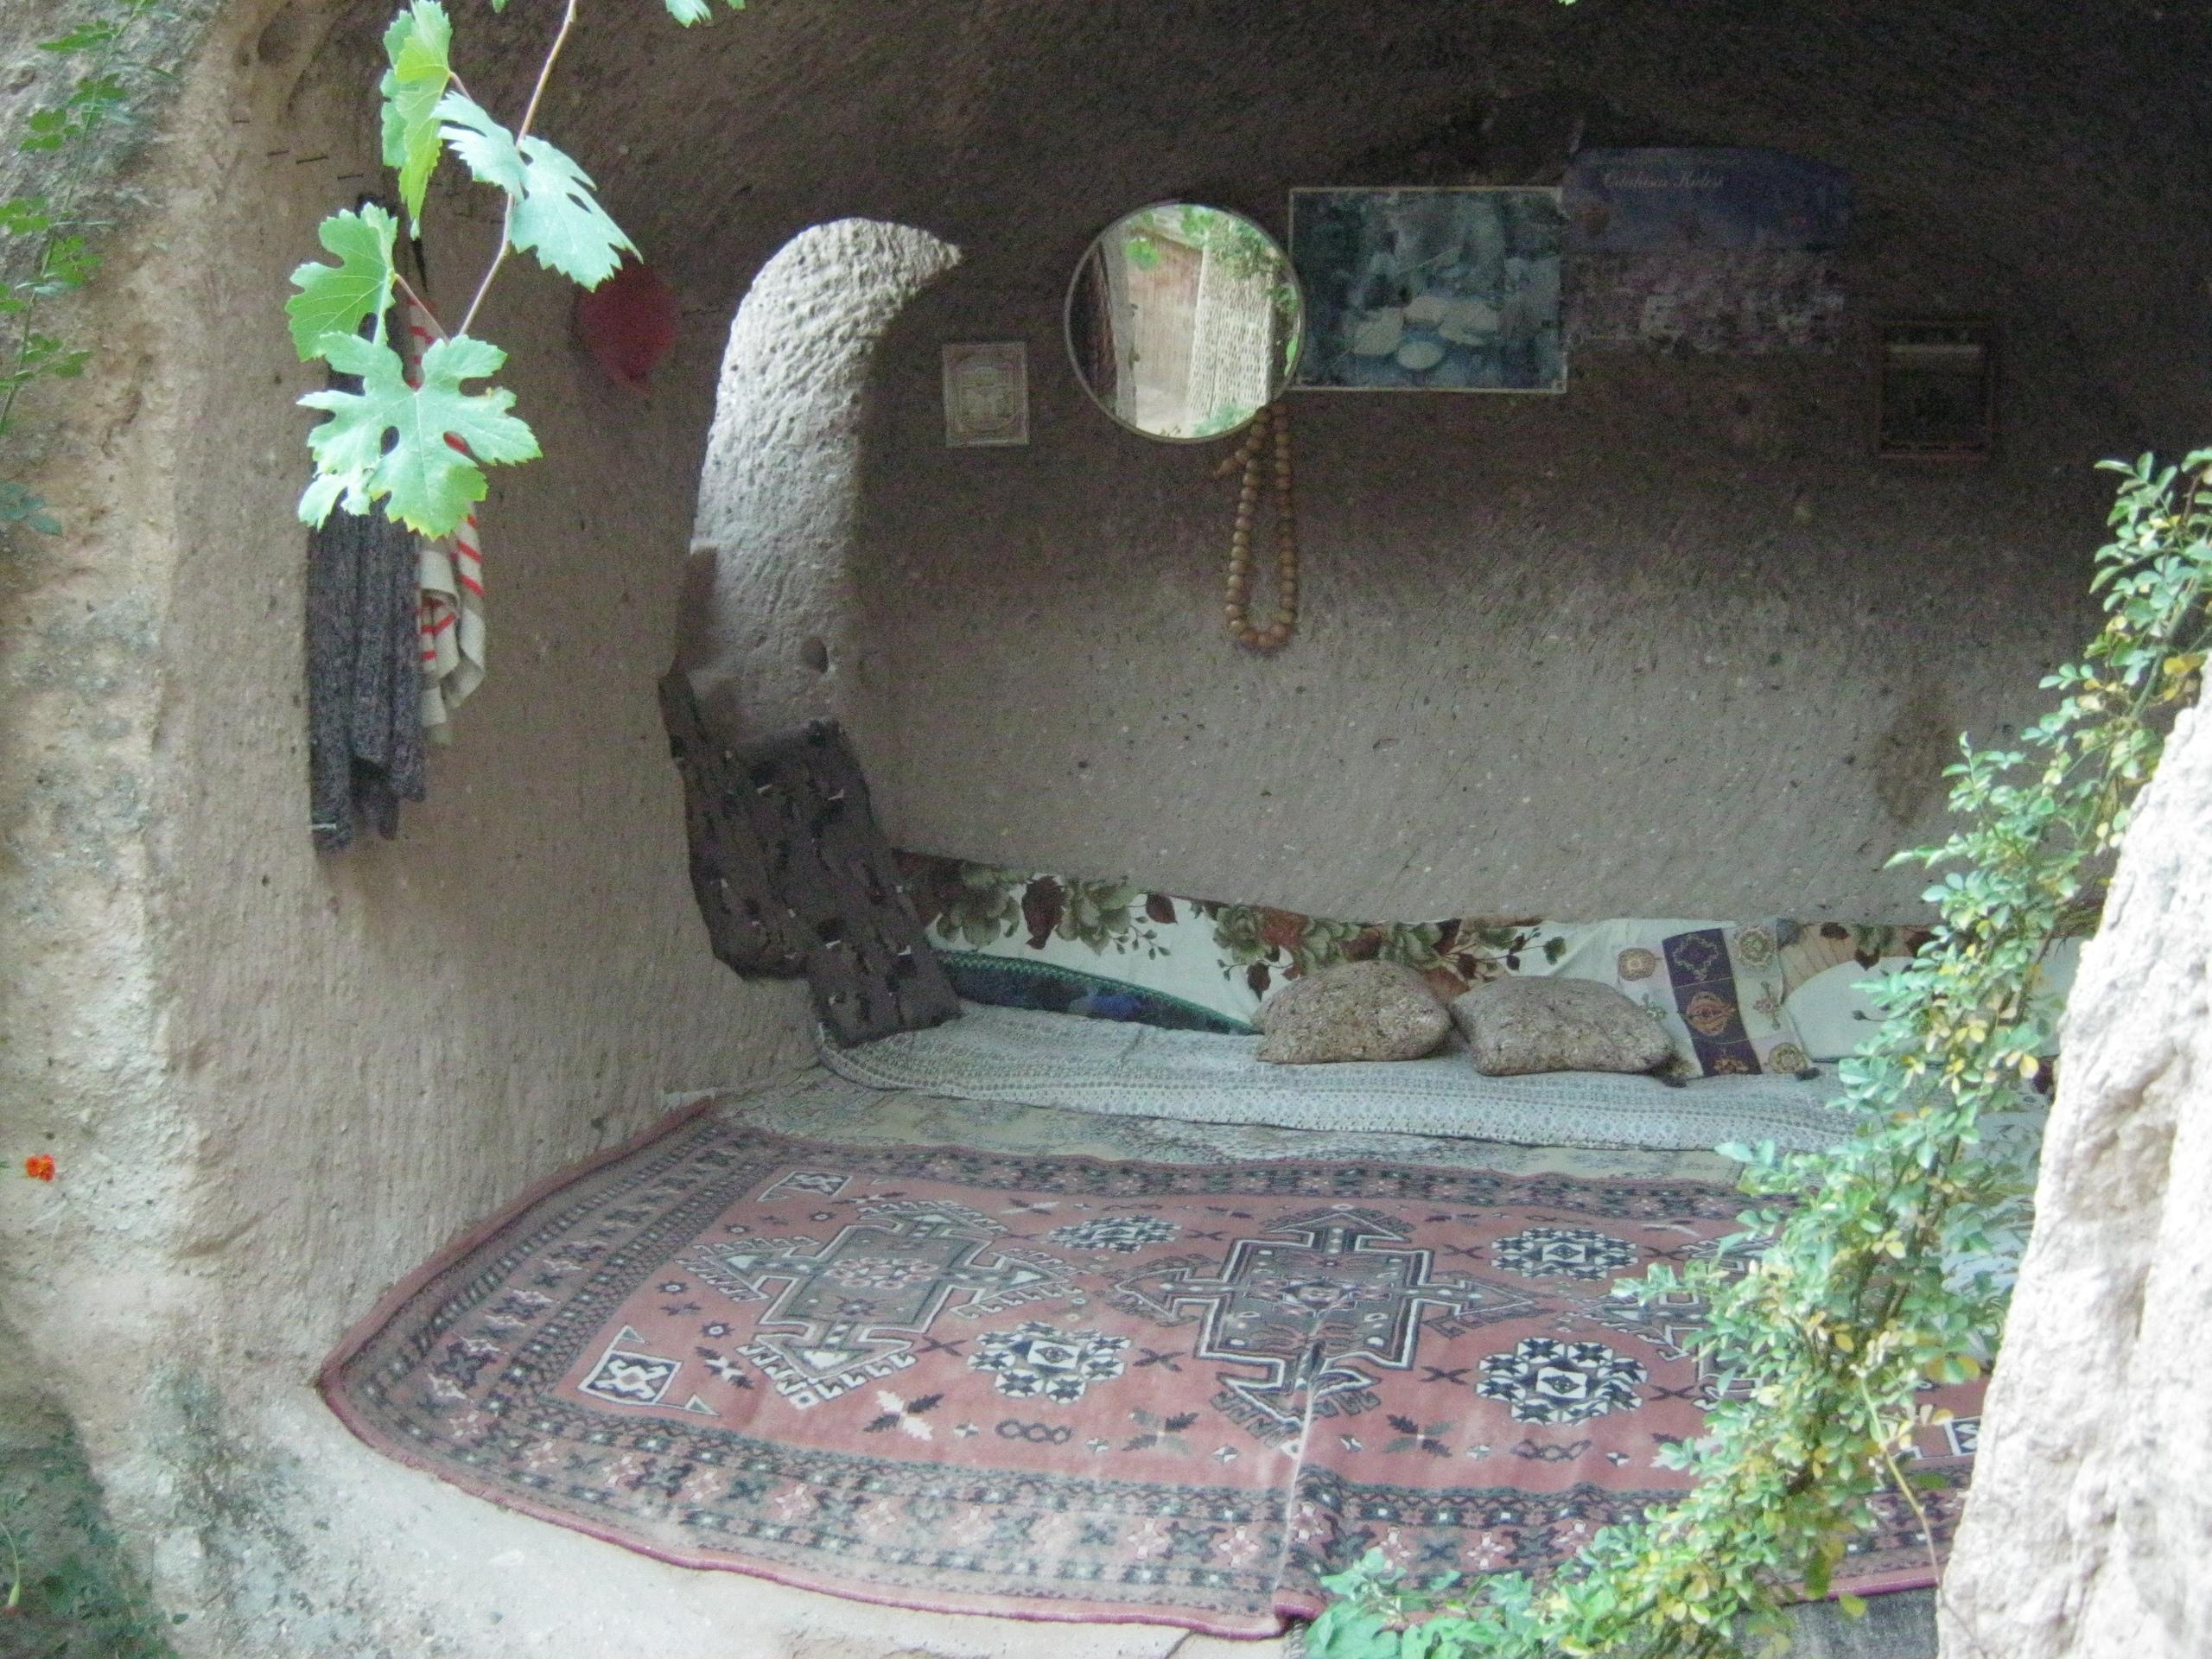 хозяин жилой пещеры в Каппадокии разрешил бы оставить вещи